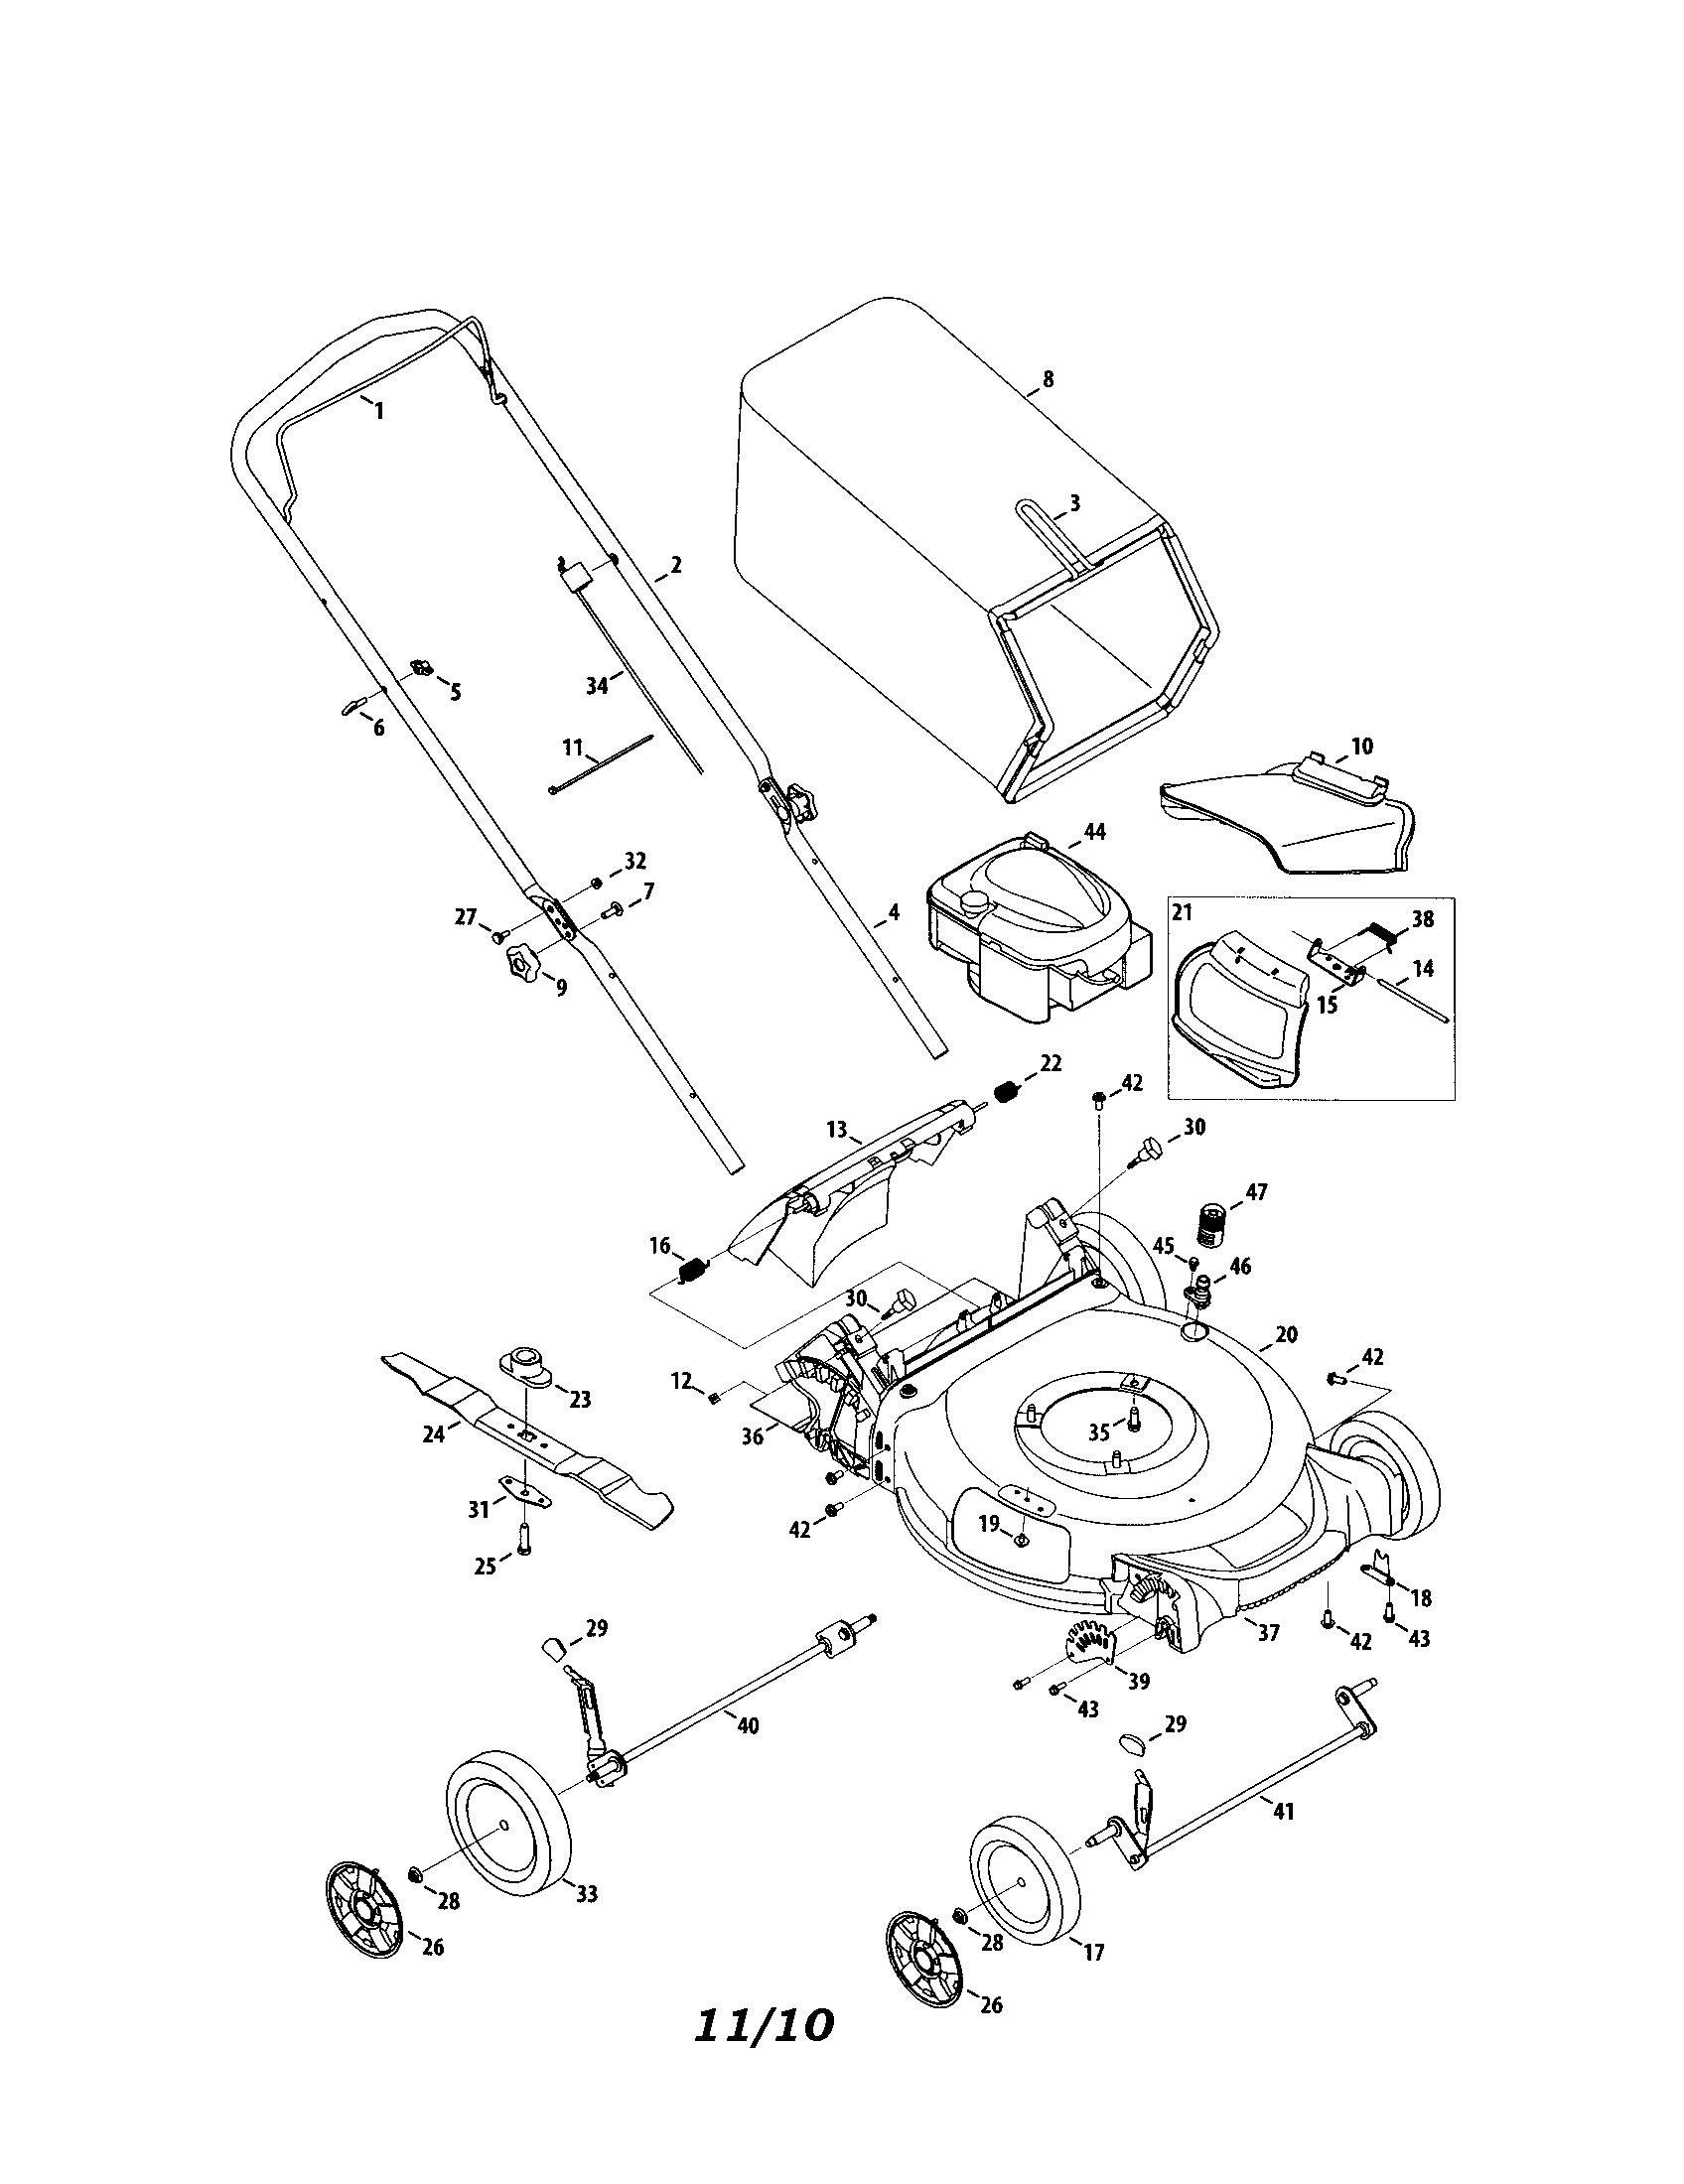 Mtd model 11A-A25G099 walk behind lawnmower, gas genuine parts